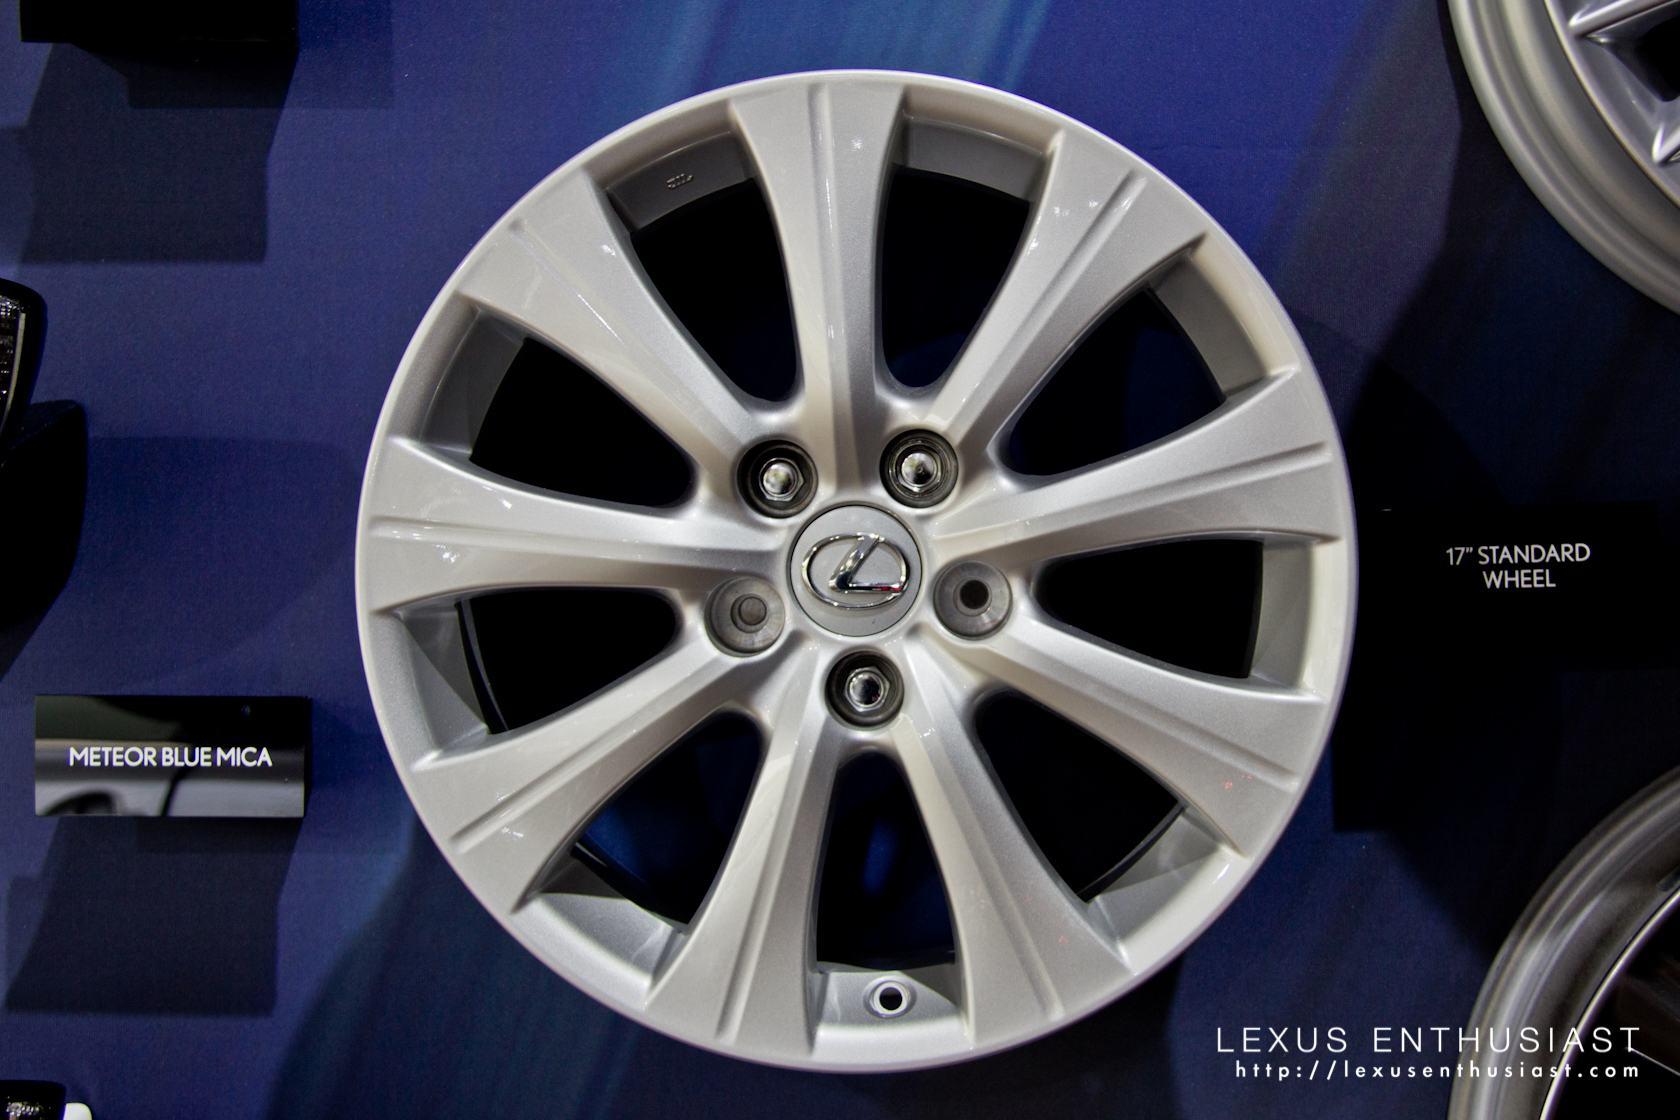 2013 Lexus GS 17 Inch Standard Wheel